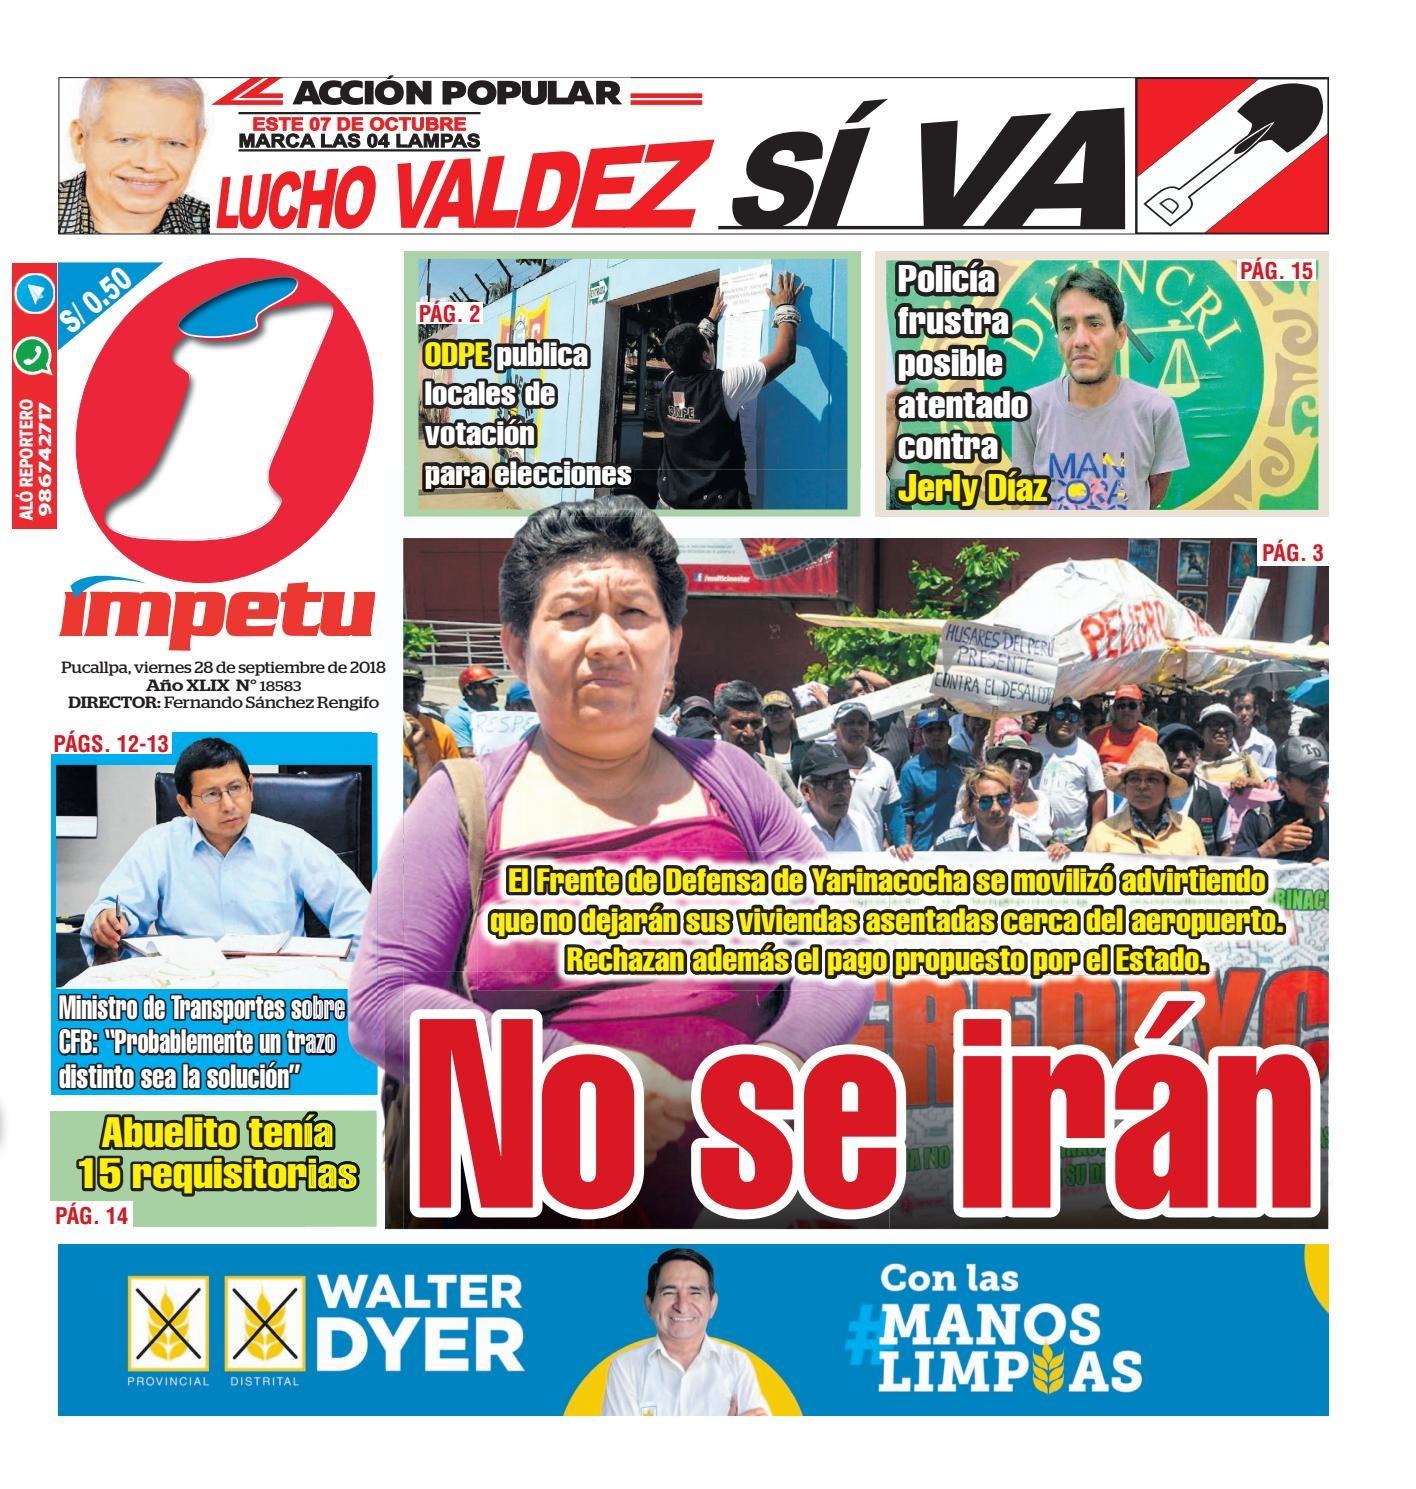 Calendario 2019 El Salvador Con Feriados Más Actual Impetu 28 De Setiembre Del 2018 by Diario mpetu issuu Of Calendario 2019 El Salvador Con Feriados Más Actual Eur Lex R2454 Es Eur Lex